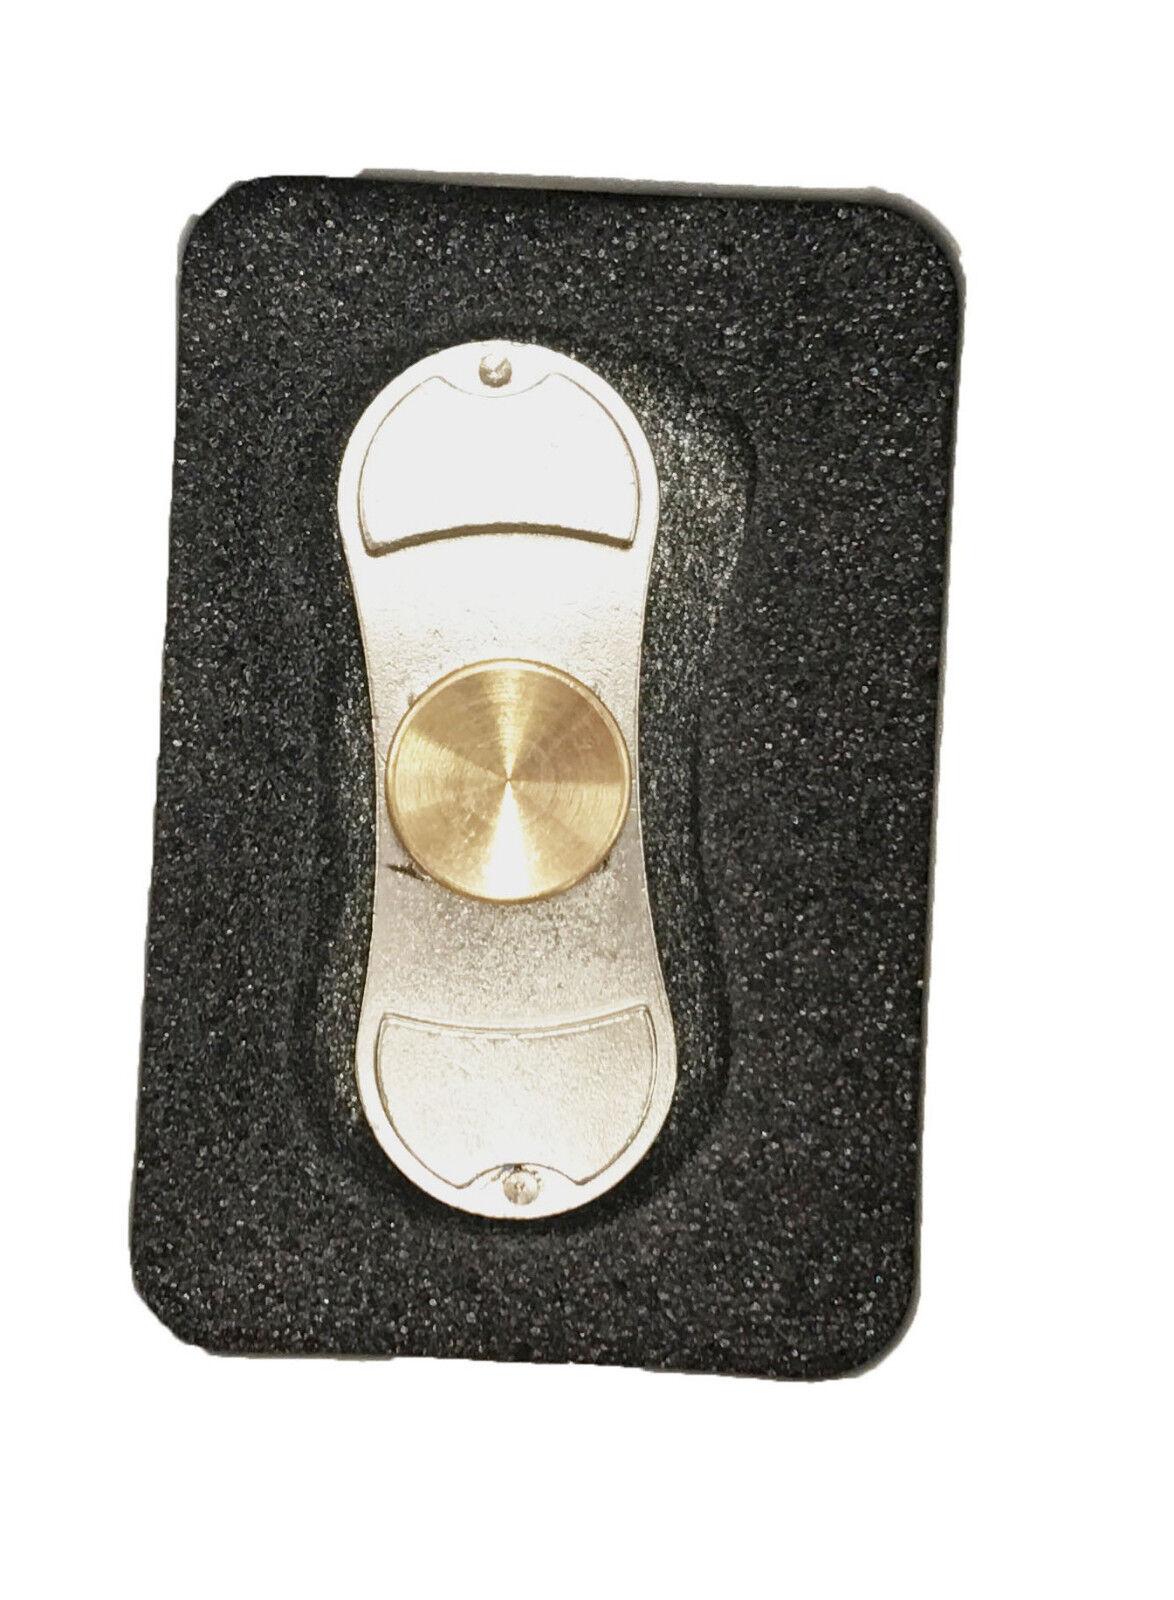 UK SELLER Fidgit spinner Fidget Hand Finger Focus Spin Steel Bearing Stress Toy